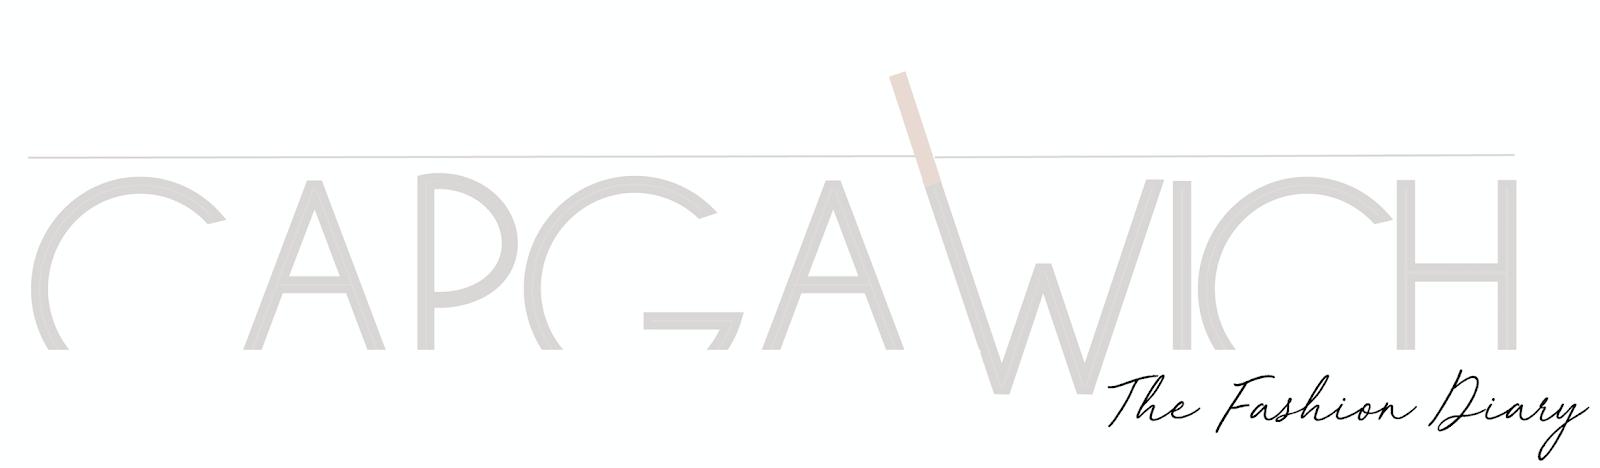 CAPGAWICH